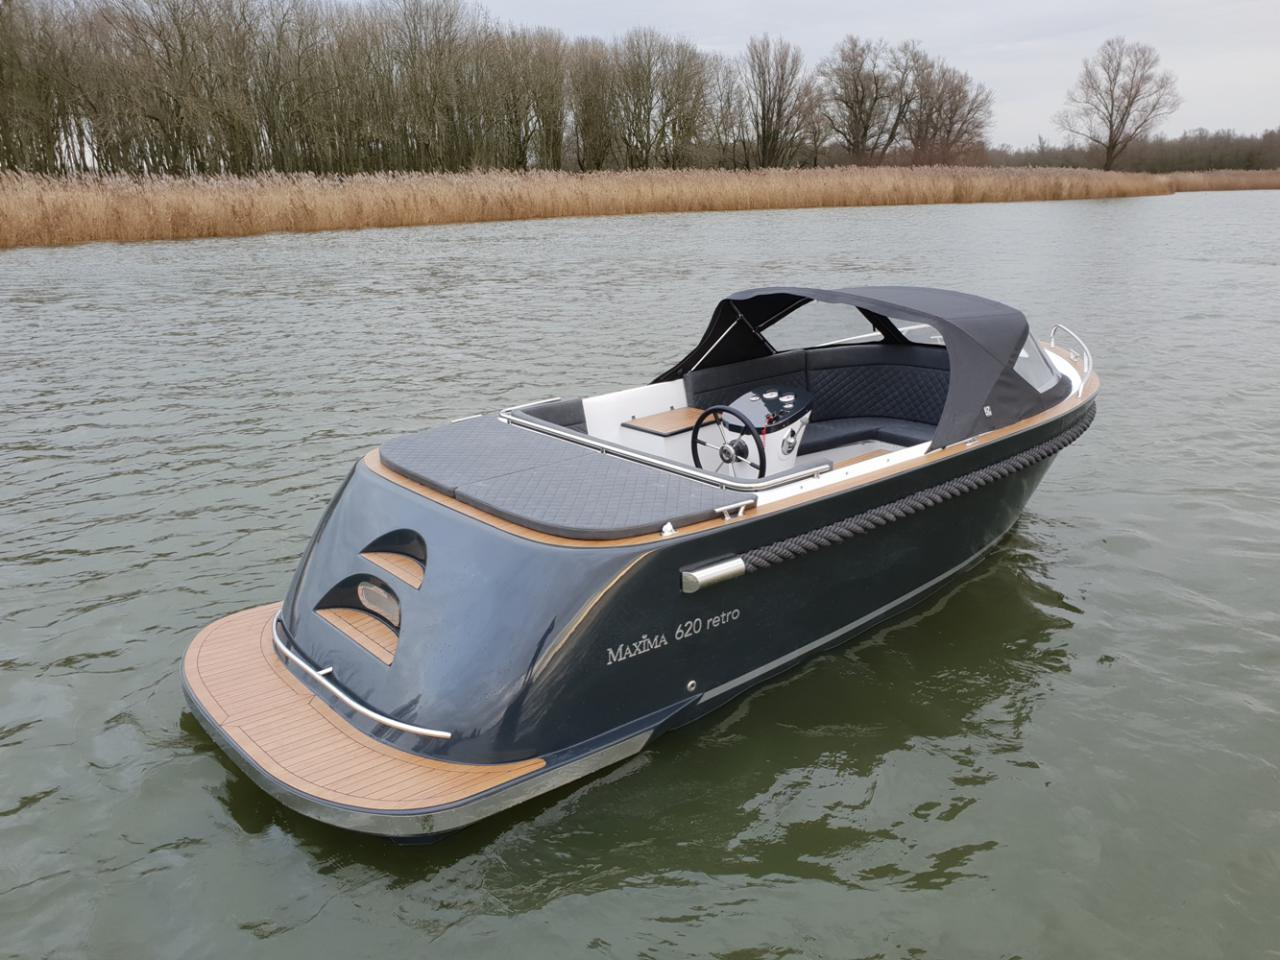 Maxima 620 Retro MC 18